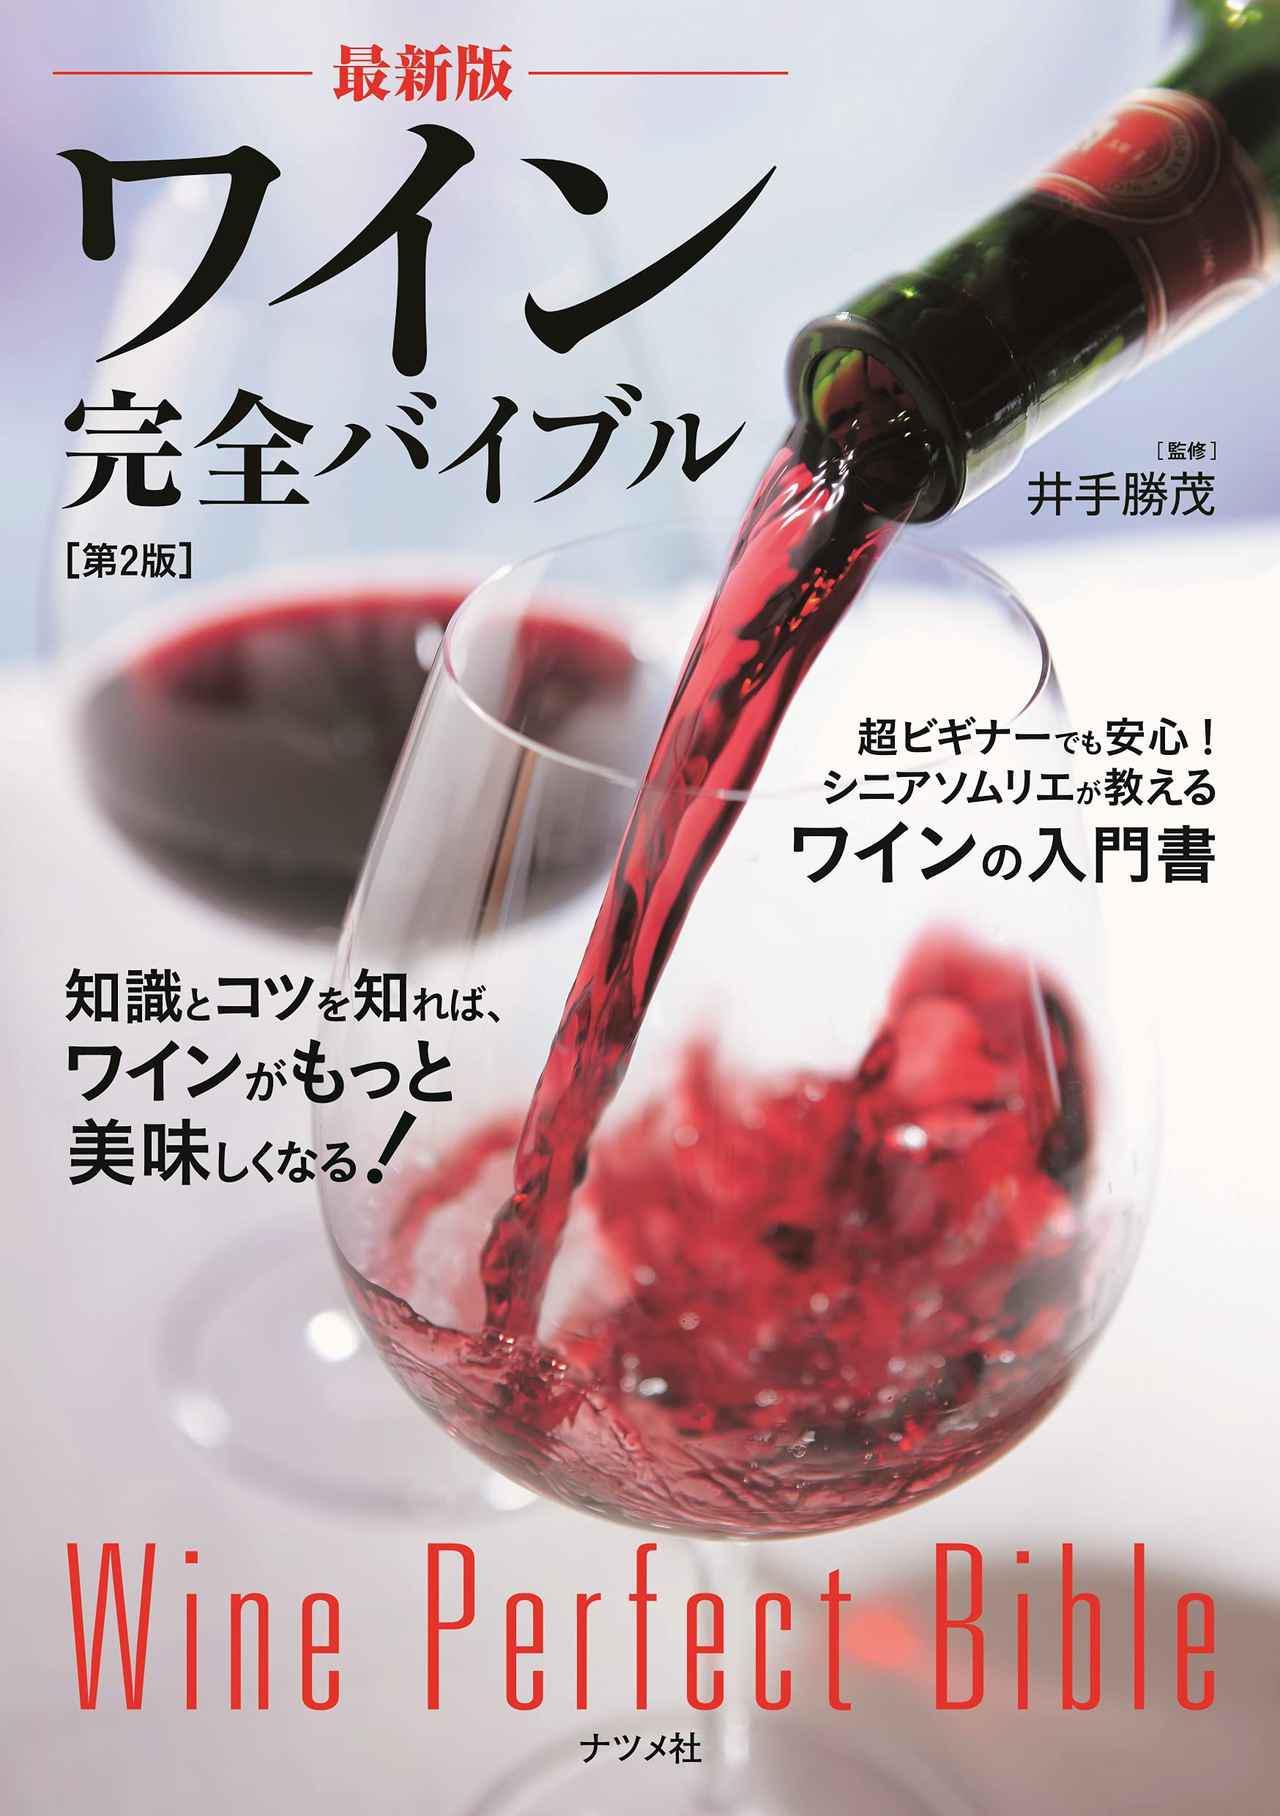 画像: 『最新版 ワイン完全バイブル【第2版】』〜WK Library お勧めブックガイド〜